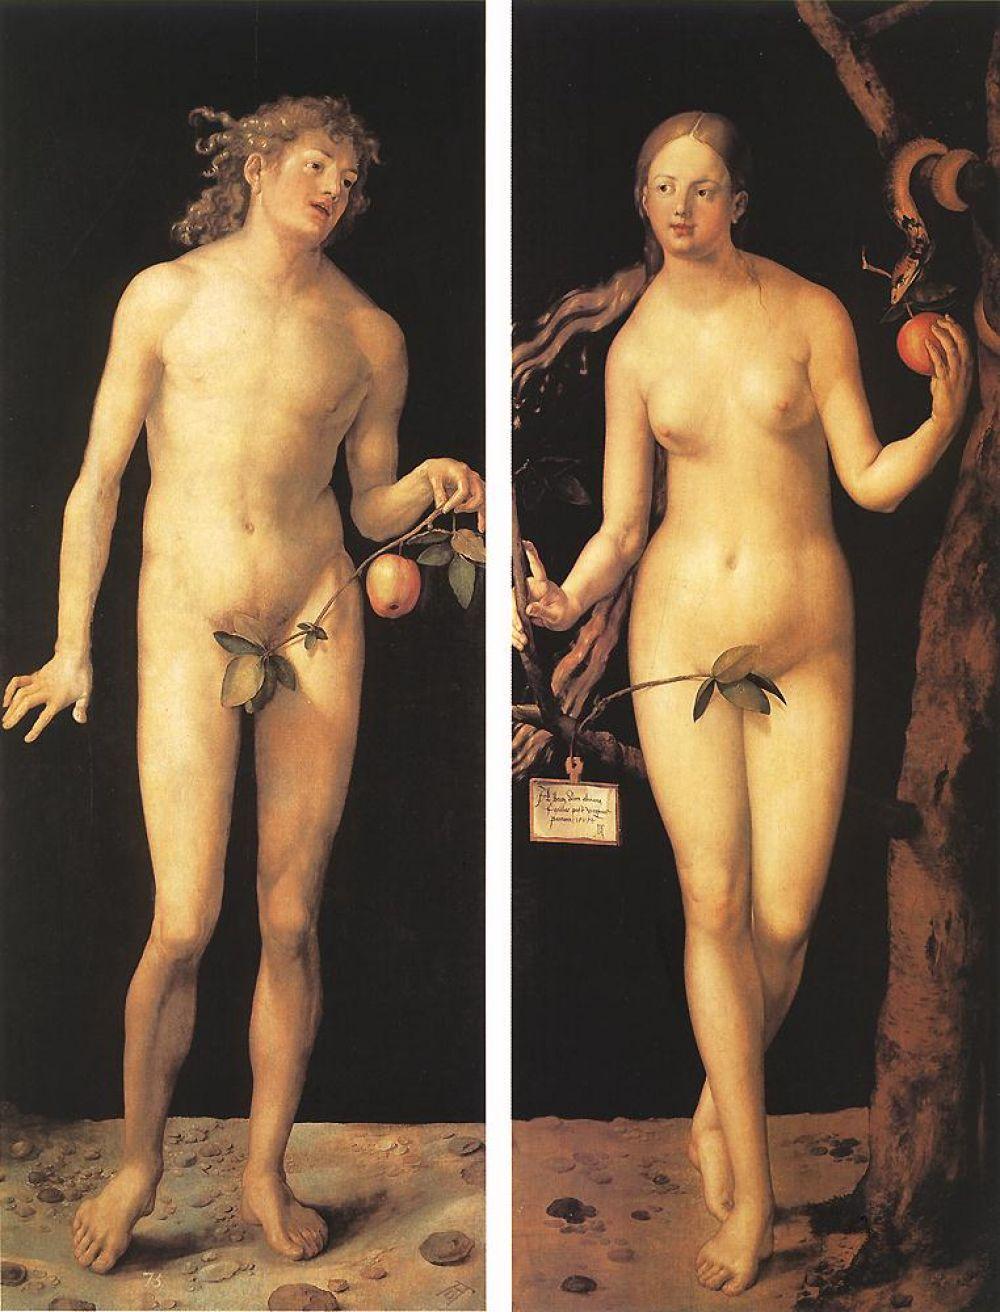 Итальянский опыт отразился в манере Дюрера изображать человеческое тело. Исчезает угловатость фигур, свойственная готическим произведениям, появляется динамика движения, новые ракурсные изображения персонажей.